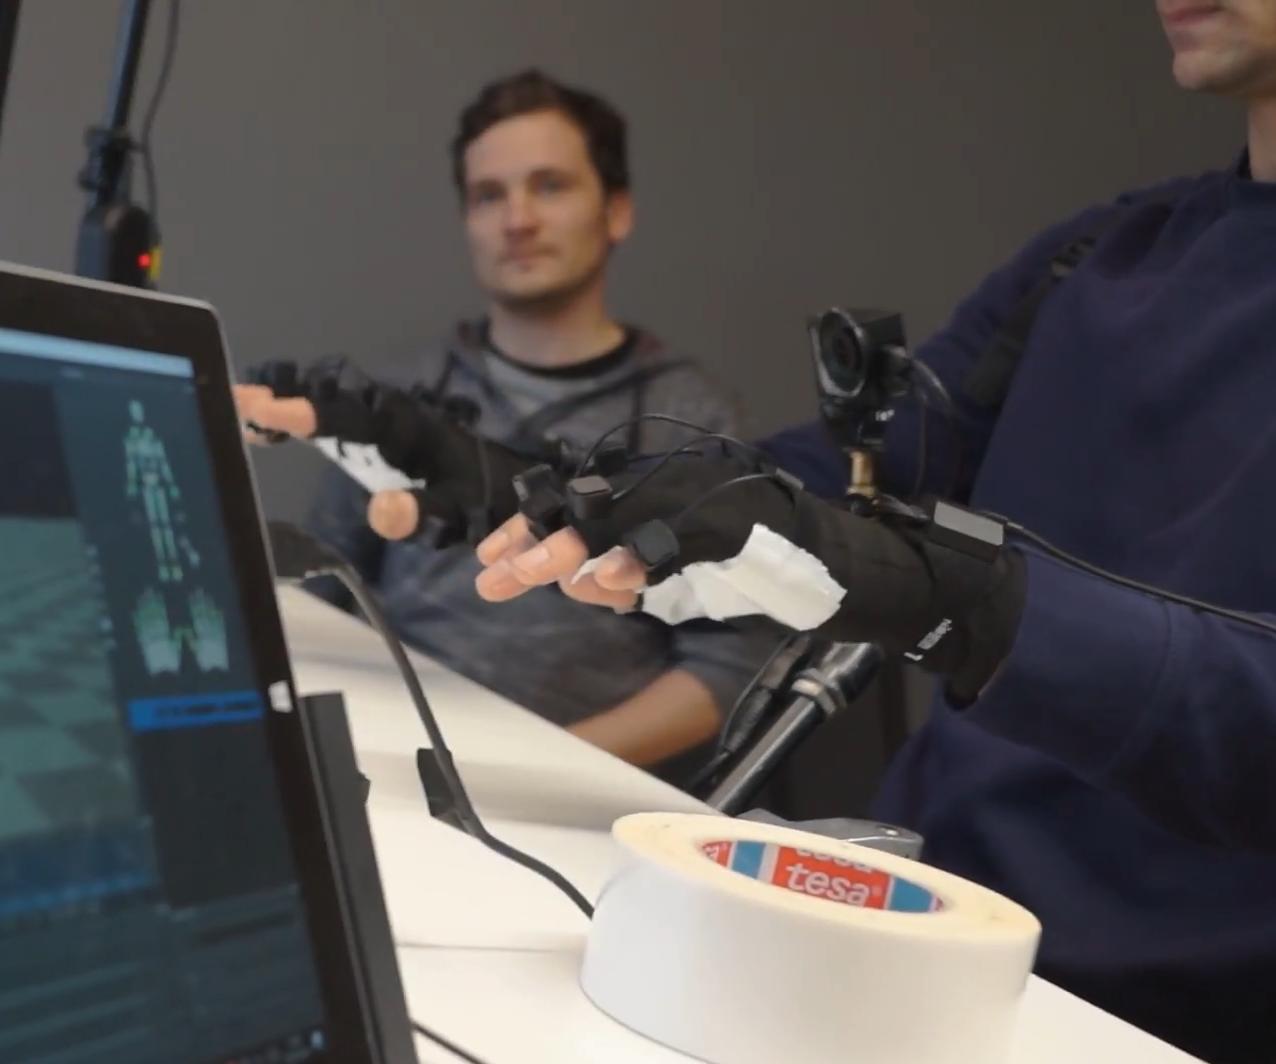 GTÜ Hands Making-Of - Hände mit Handschuhe über Tisch, Software im Vordergrund